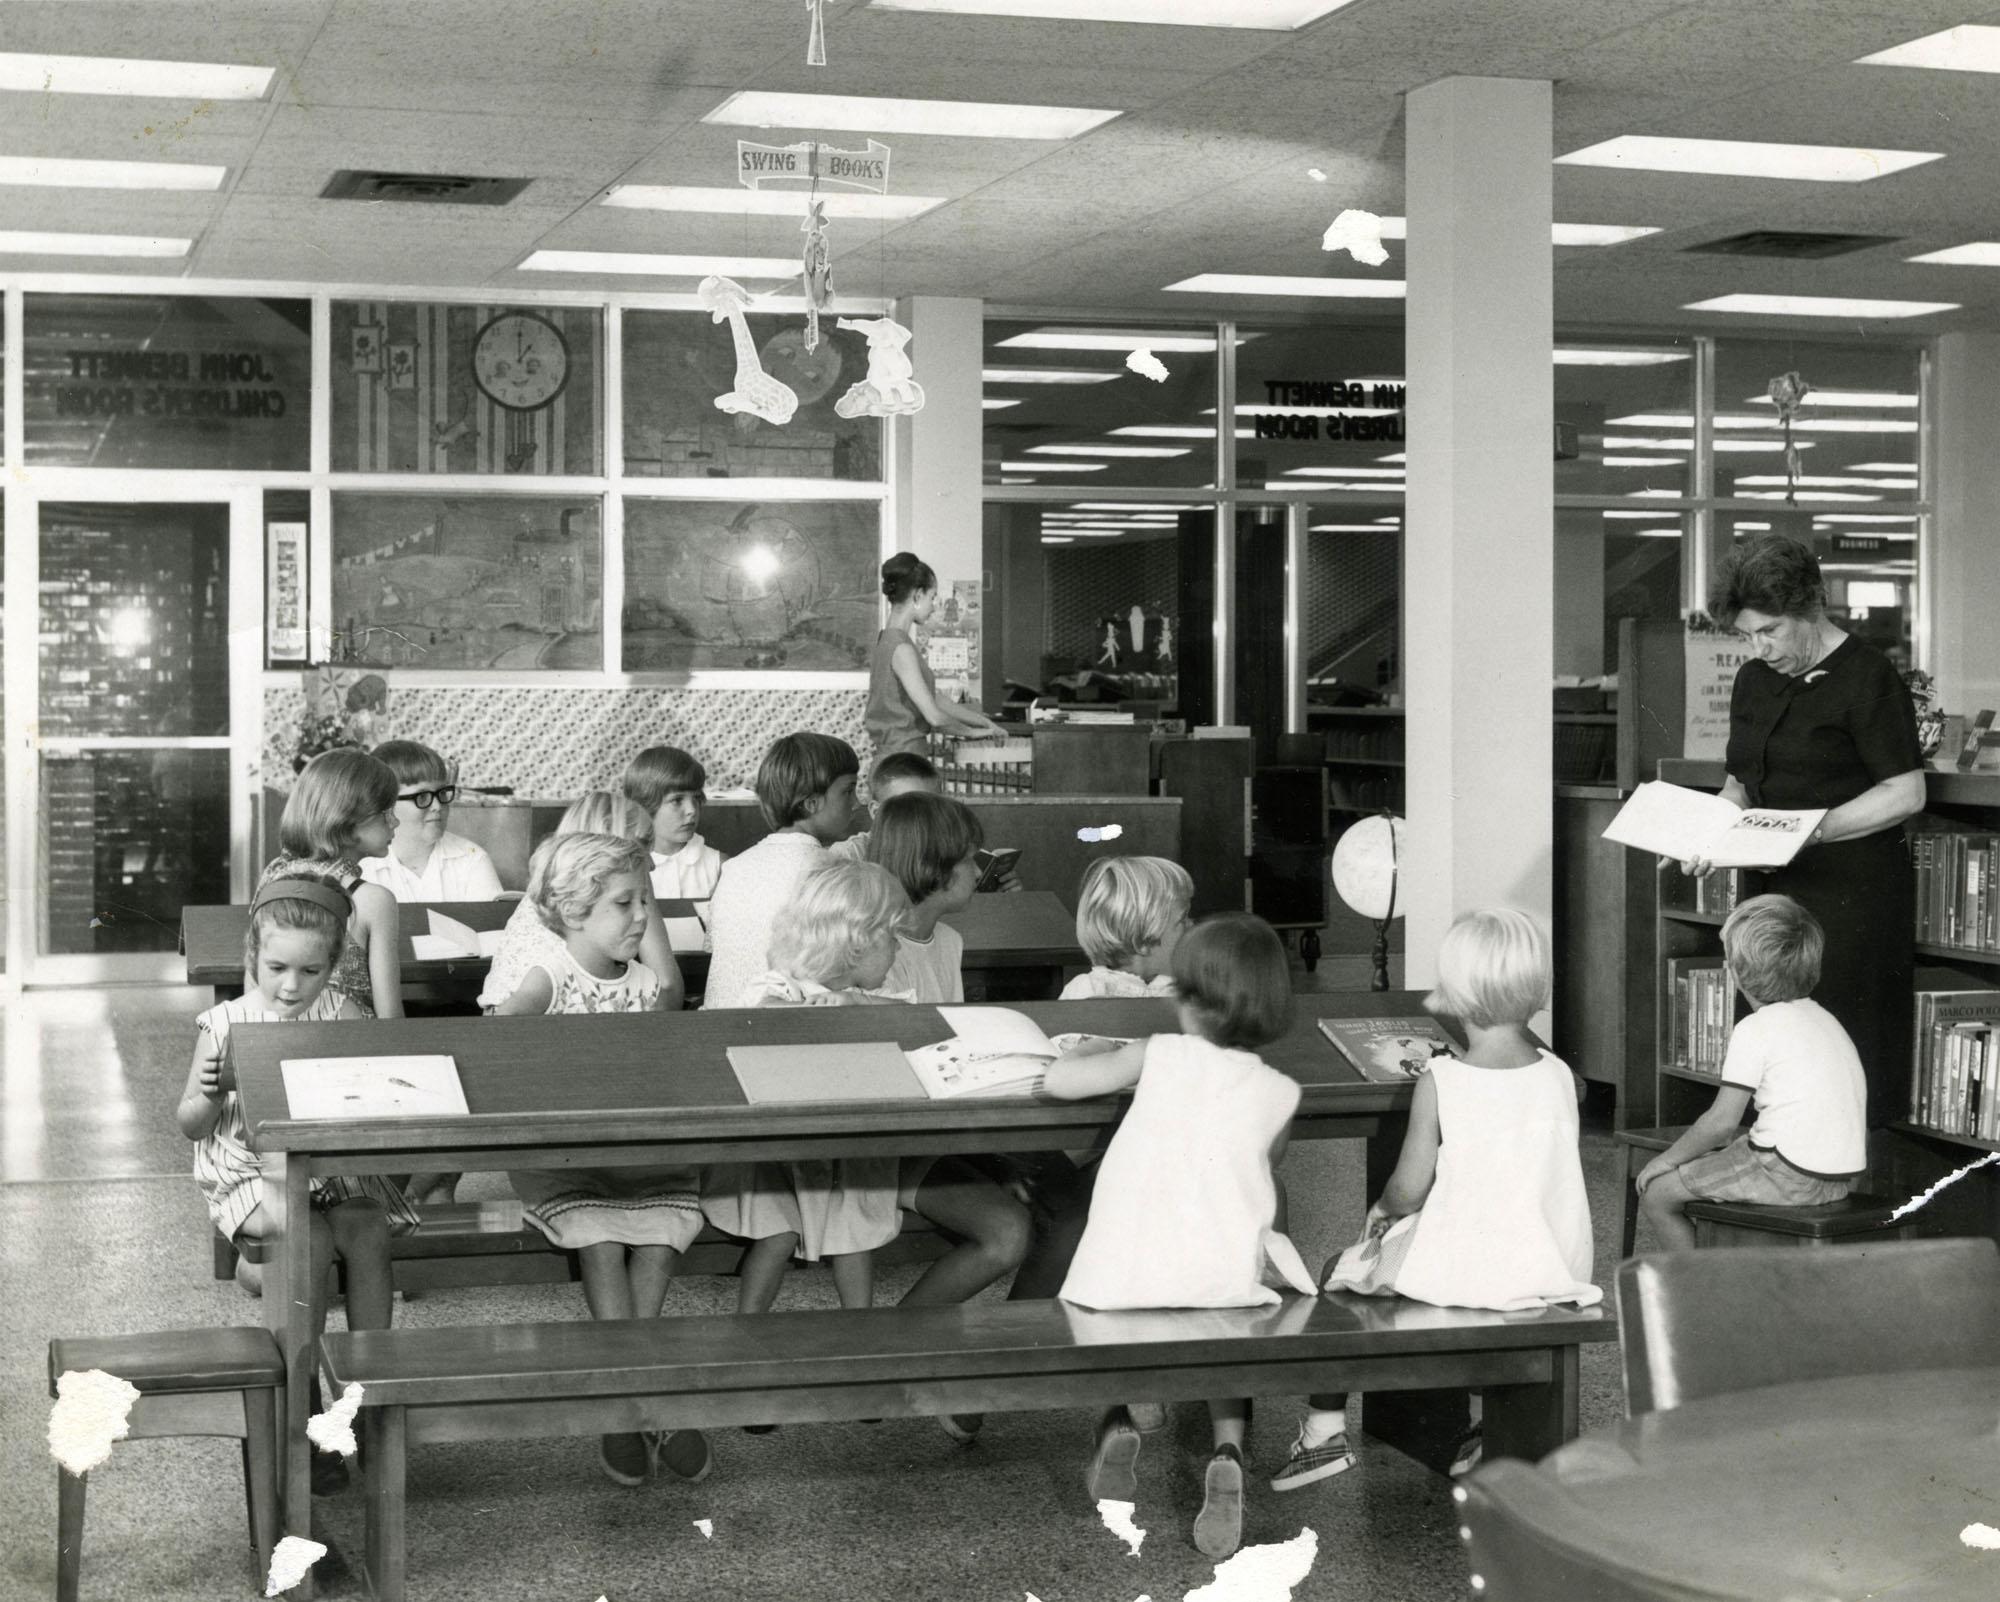 John Bennett Children's Room, Main Library